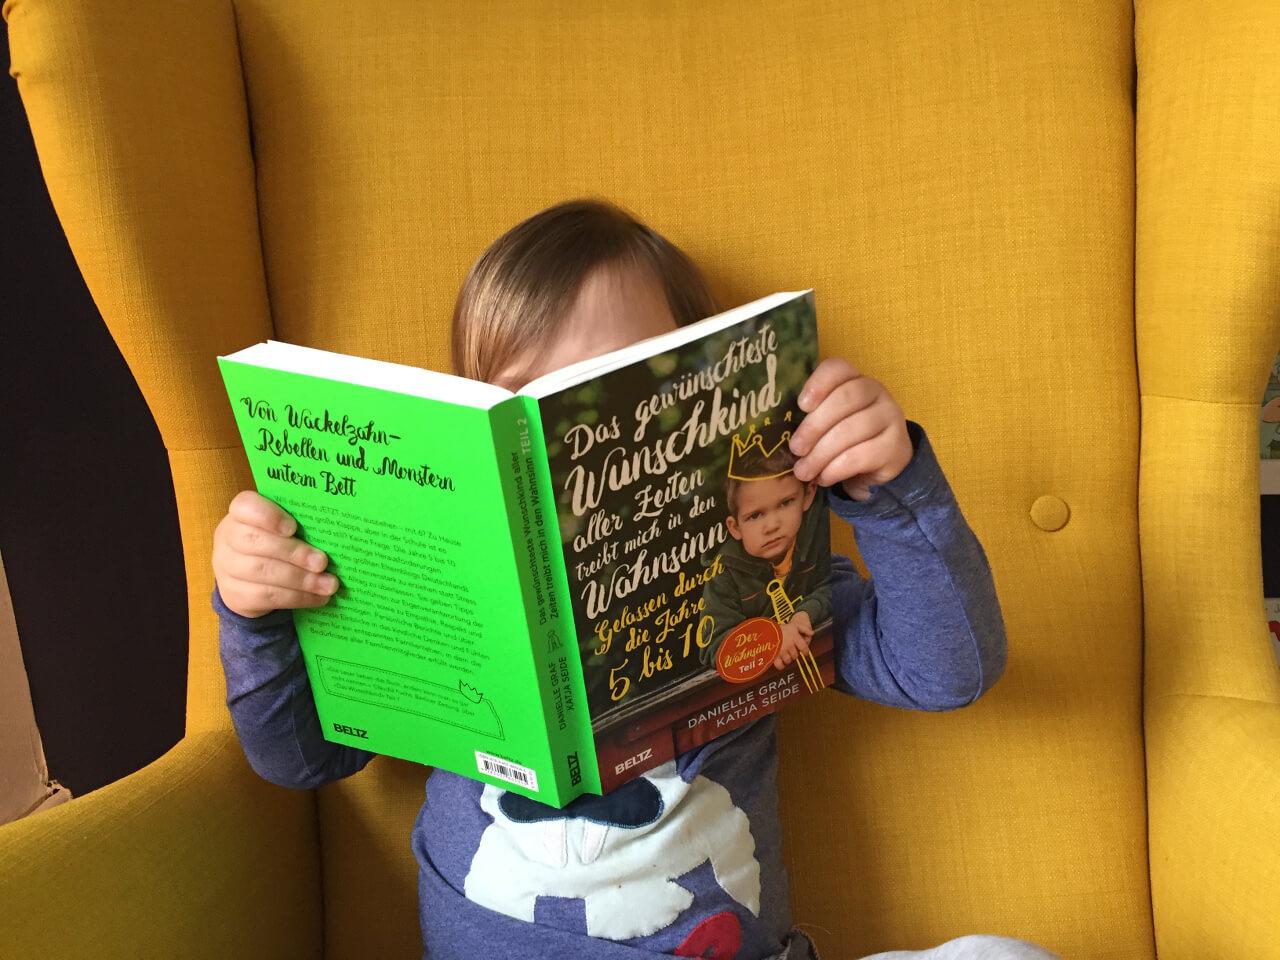 Das gewünschteste Wunschkind aller Zeiten: Gelassen durch die Jahre 5 bis 10